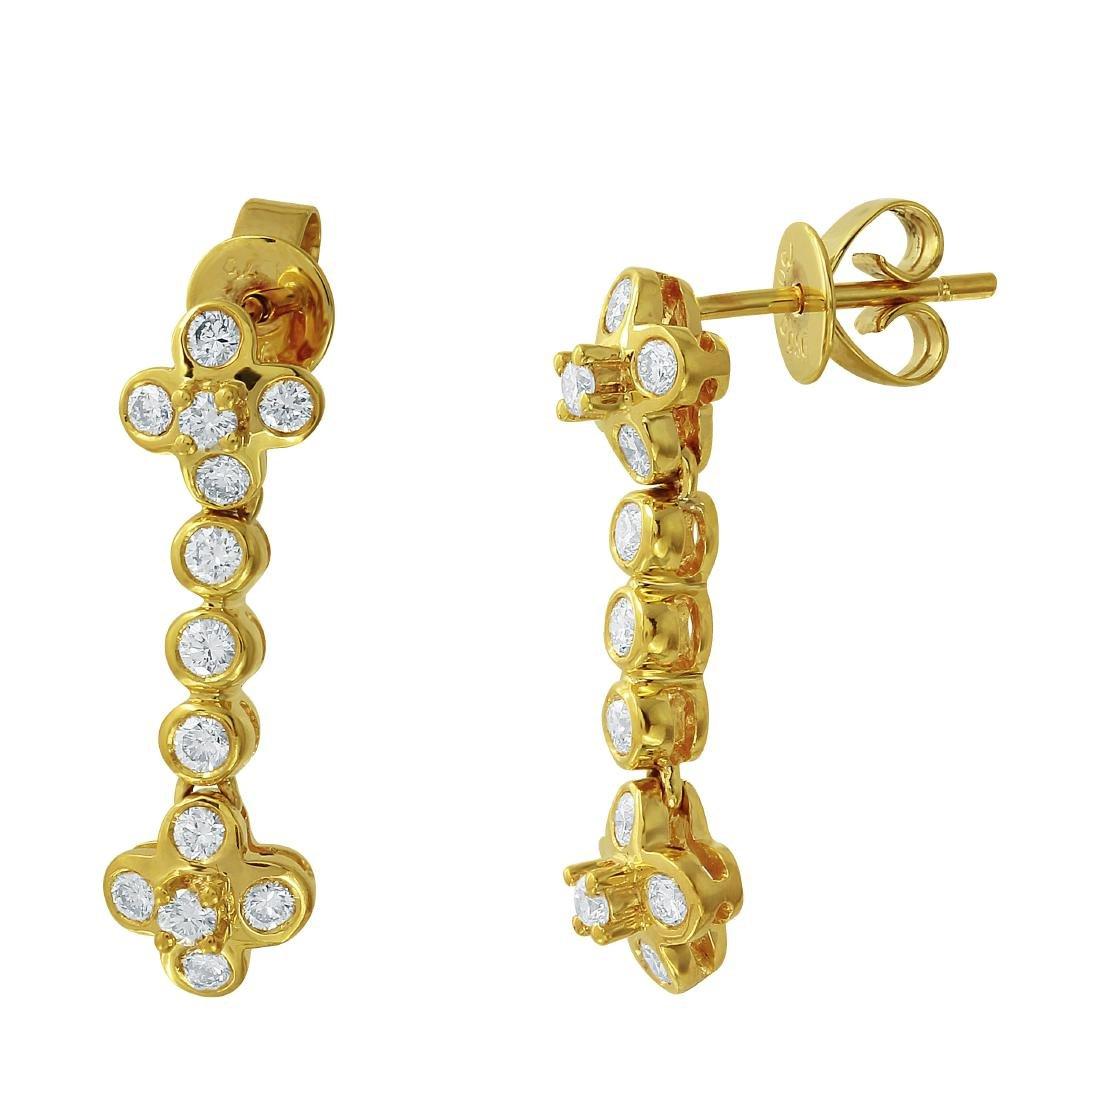 18KT Yellow Gold Diamond Bezel Earrings